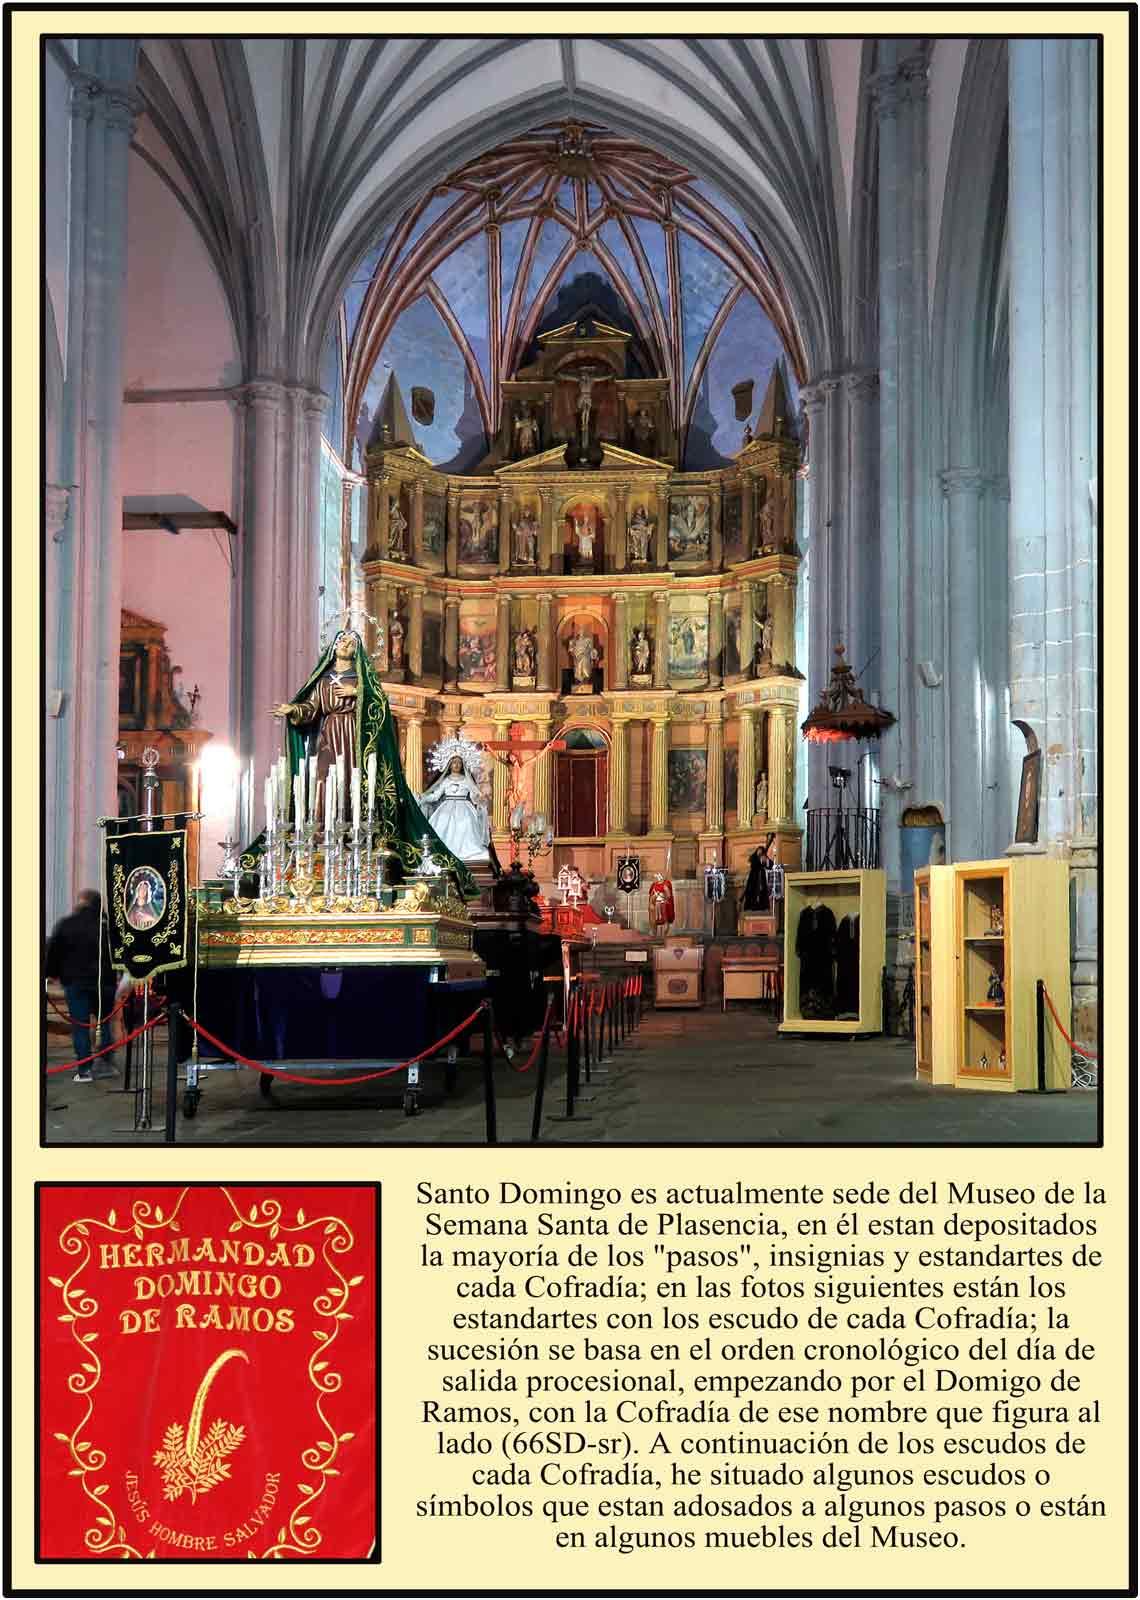 Museo de la Semana Santa de Plasencia Altar mayor